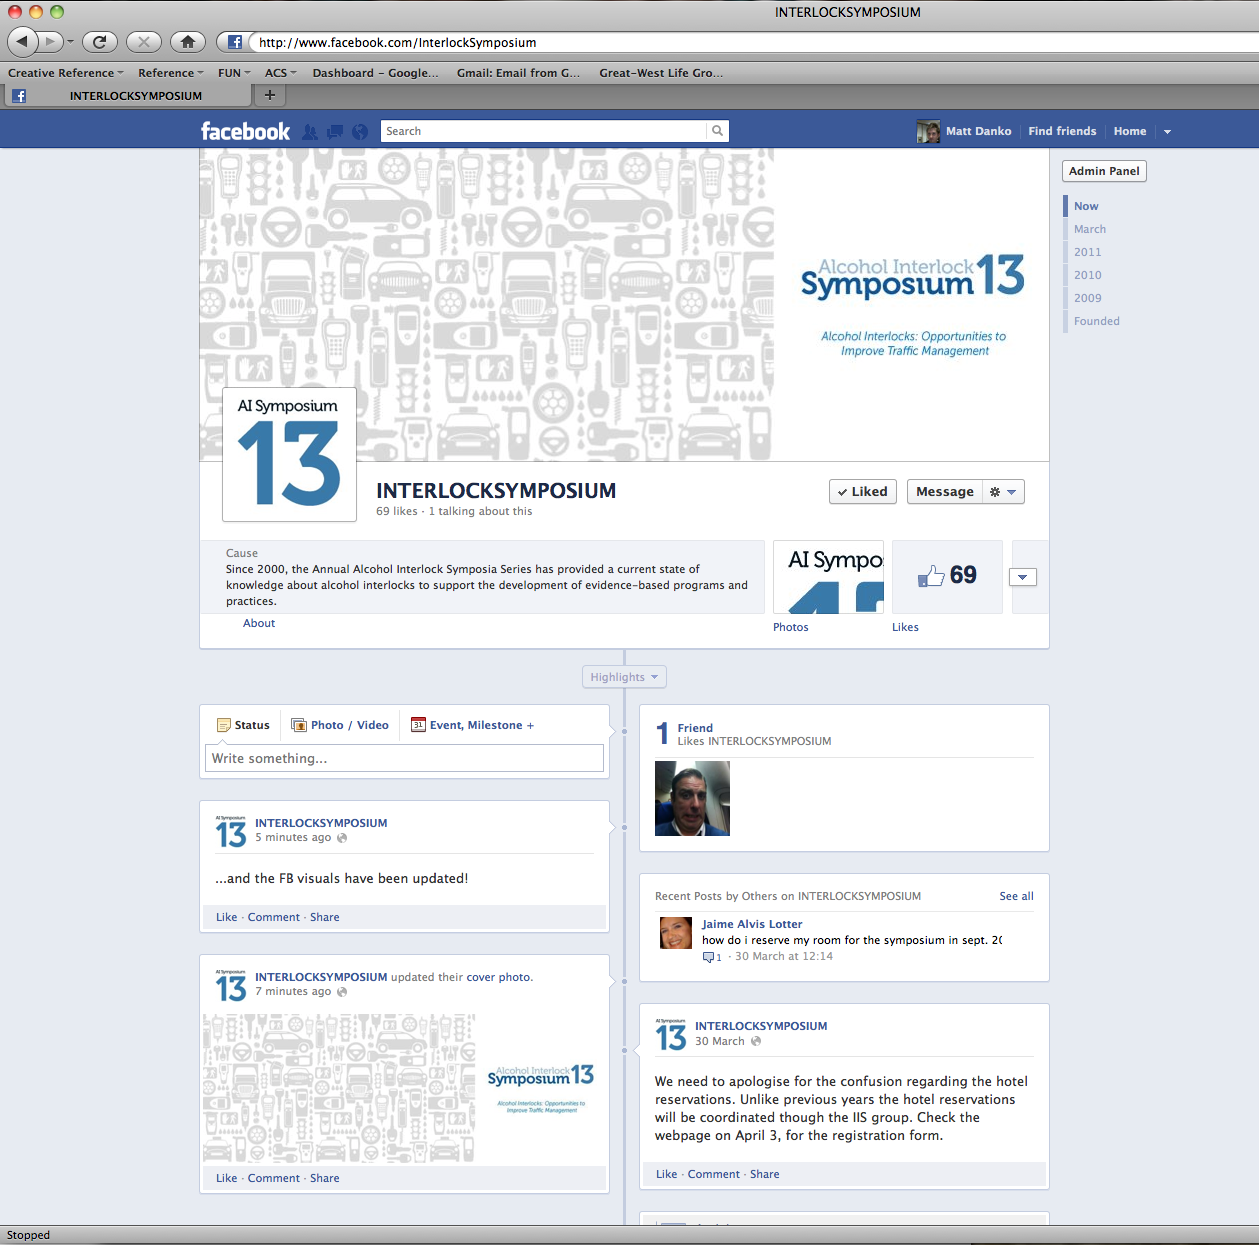 Screen shot 2012-04-11 at 11.22.01 AM.png